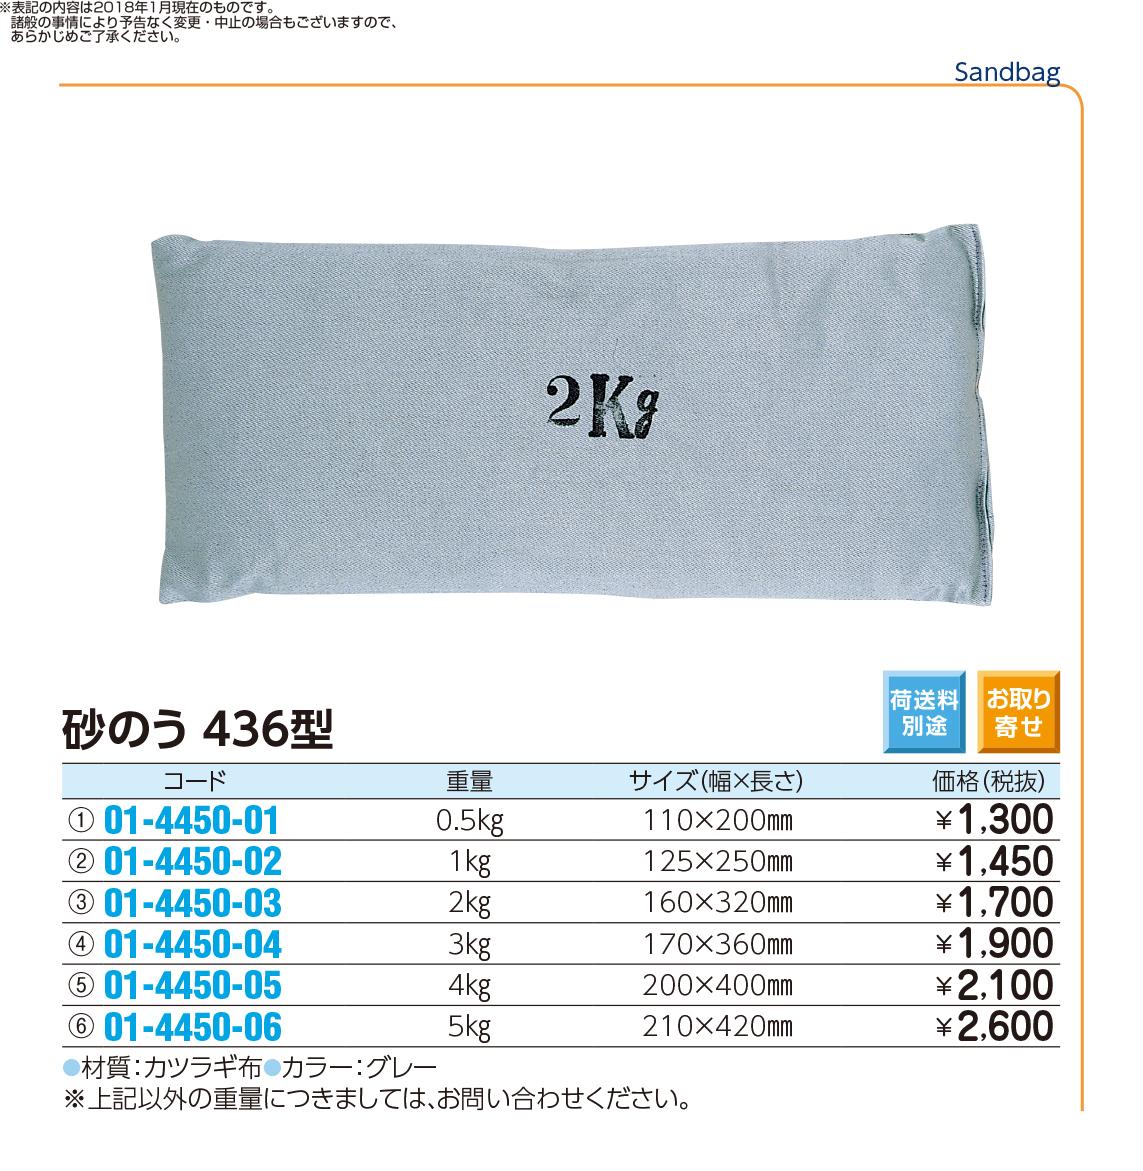 (01-4450-05)砂のう436型 4.0KG サノウ【1個単位】【2018年カタログ商品】